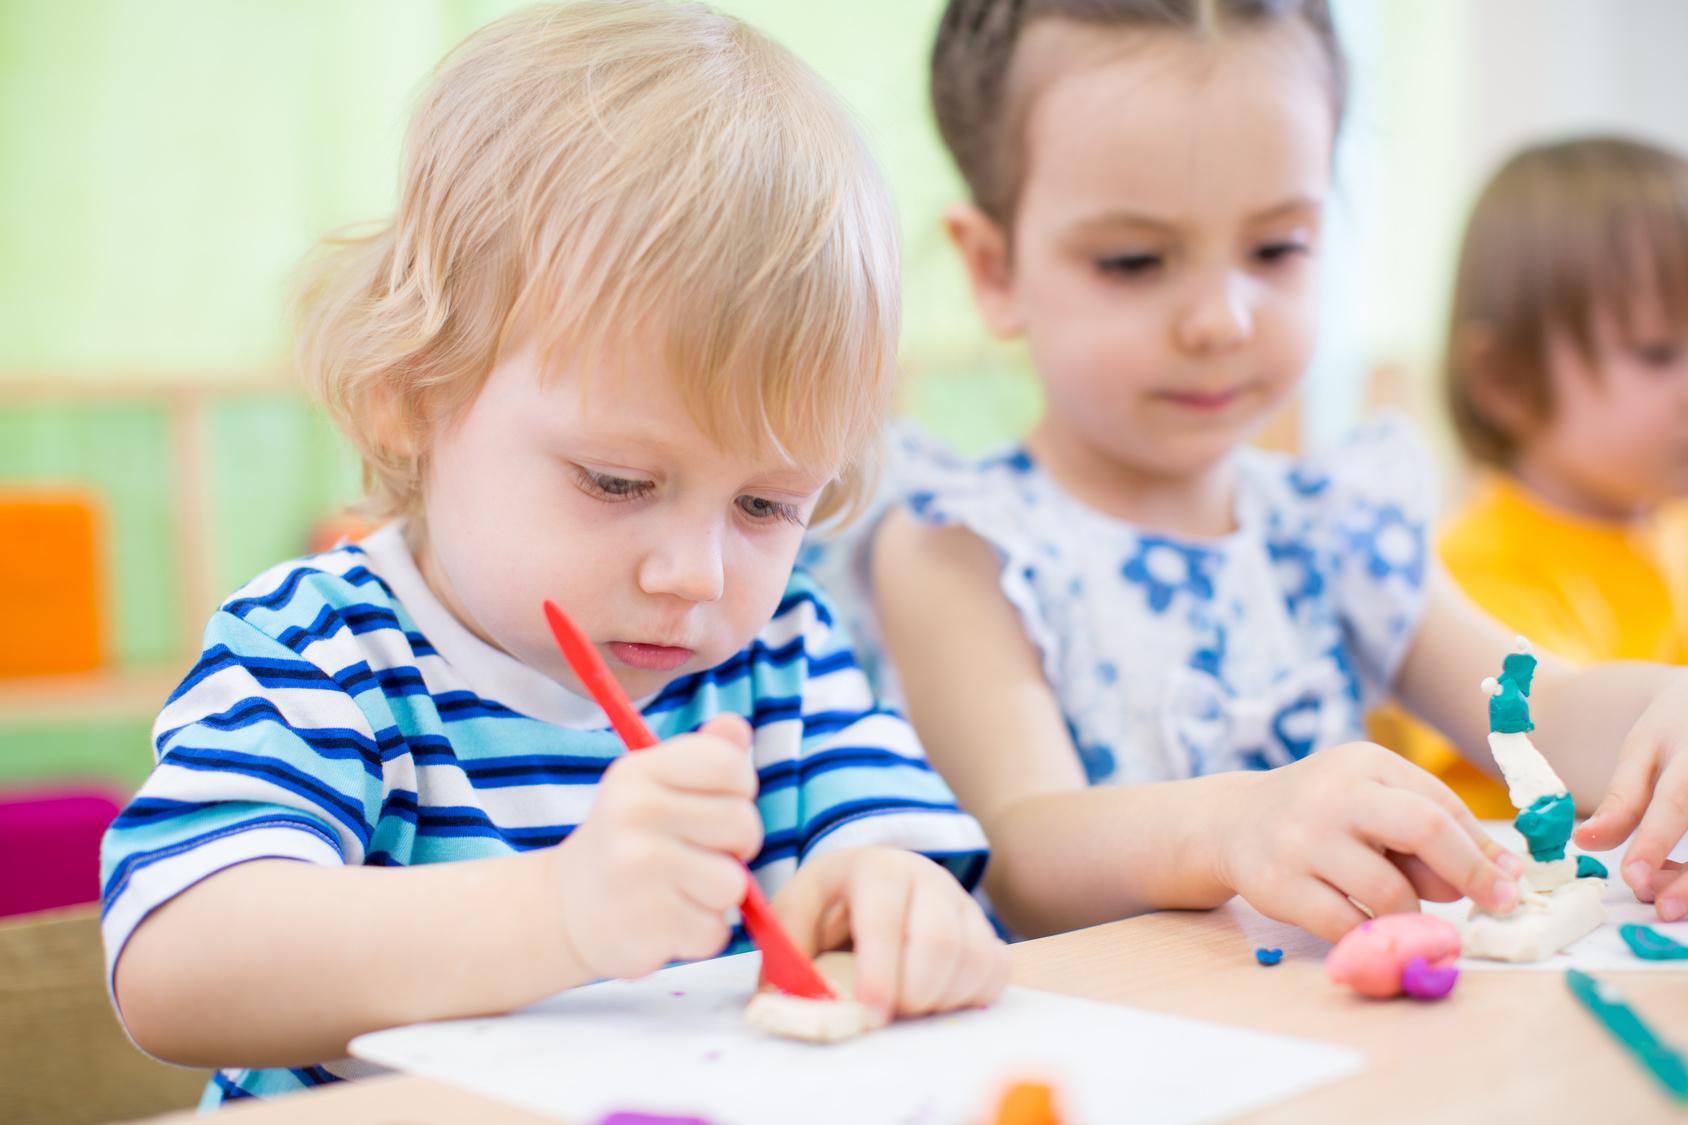 Programme De Maternelle : Qu'apprennent Les Enfants destiné Jeux Educatif Maternelle Petite Section